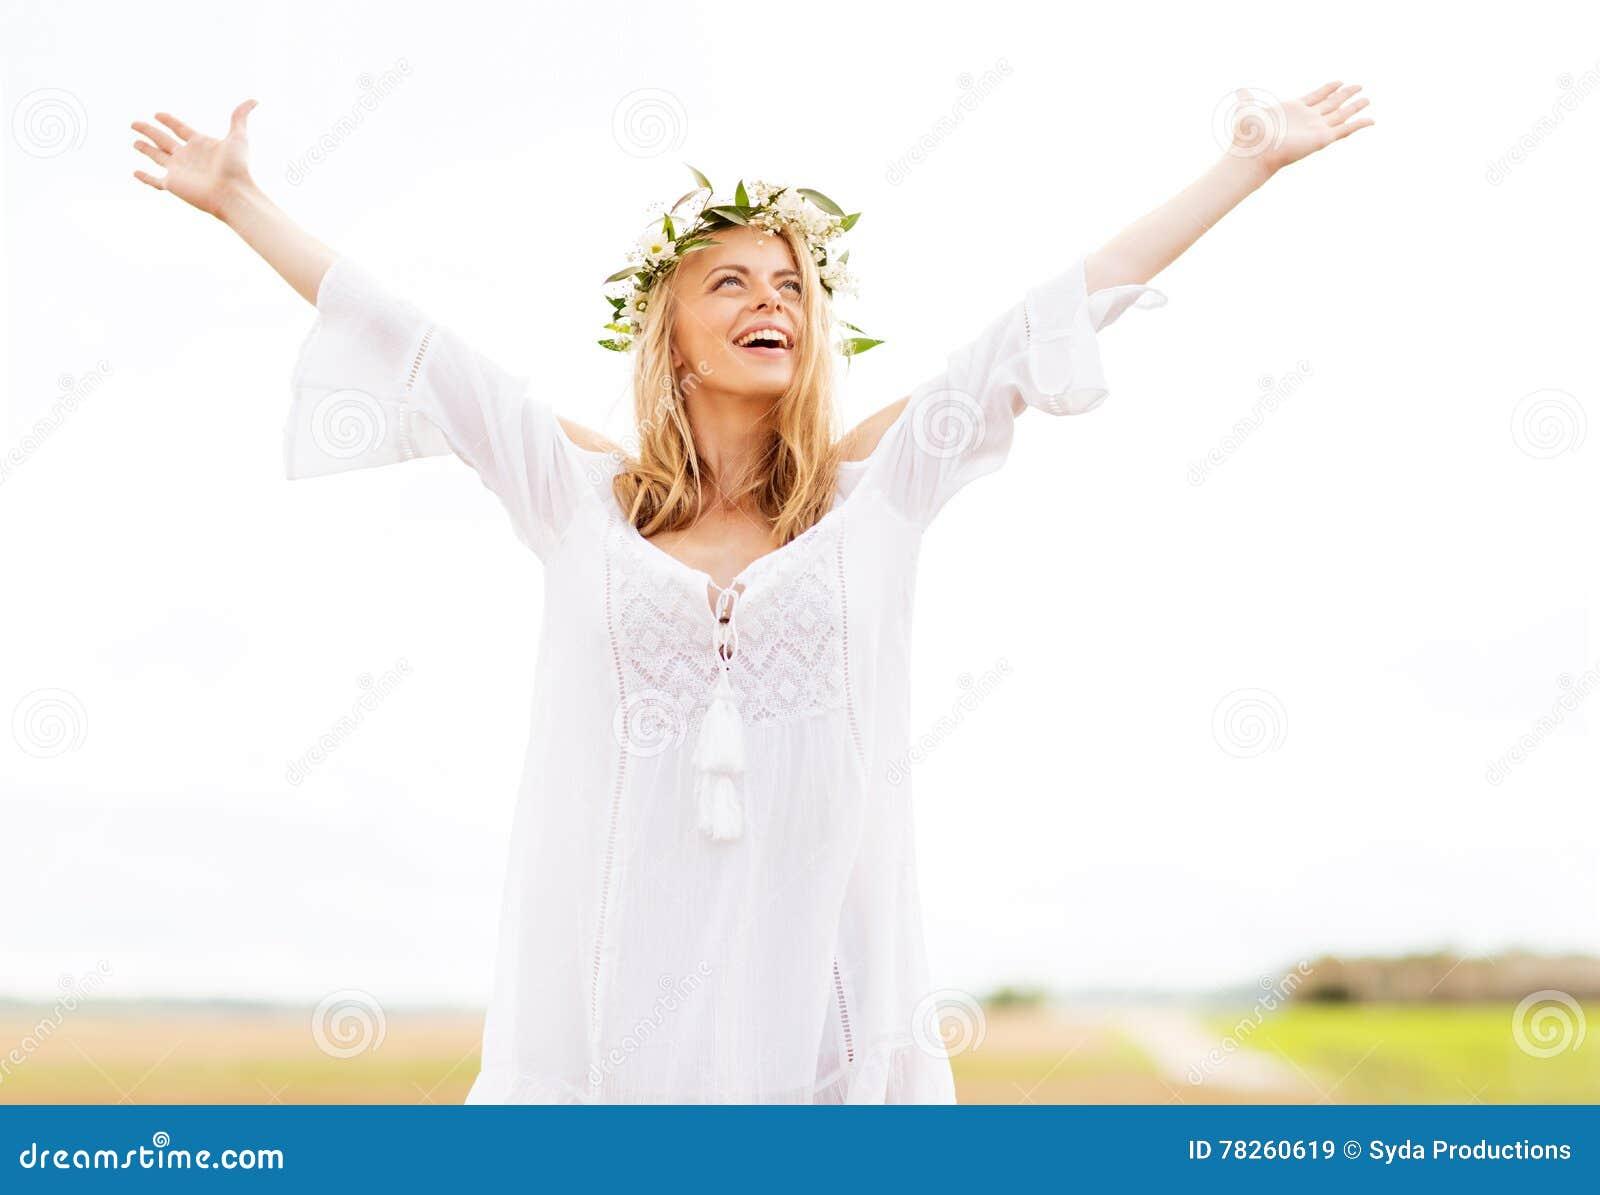 Ευτυχής νέα γυναίκα στο στεφάνι λουλουδιών στον τομέα δημητριακών